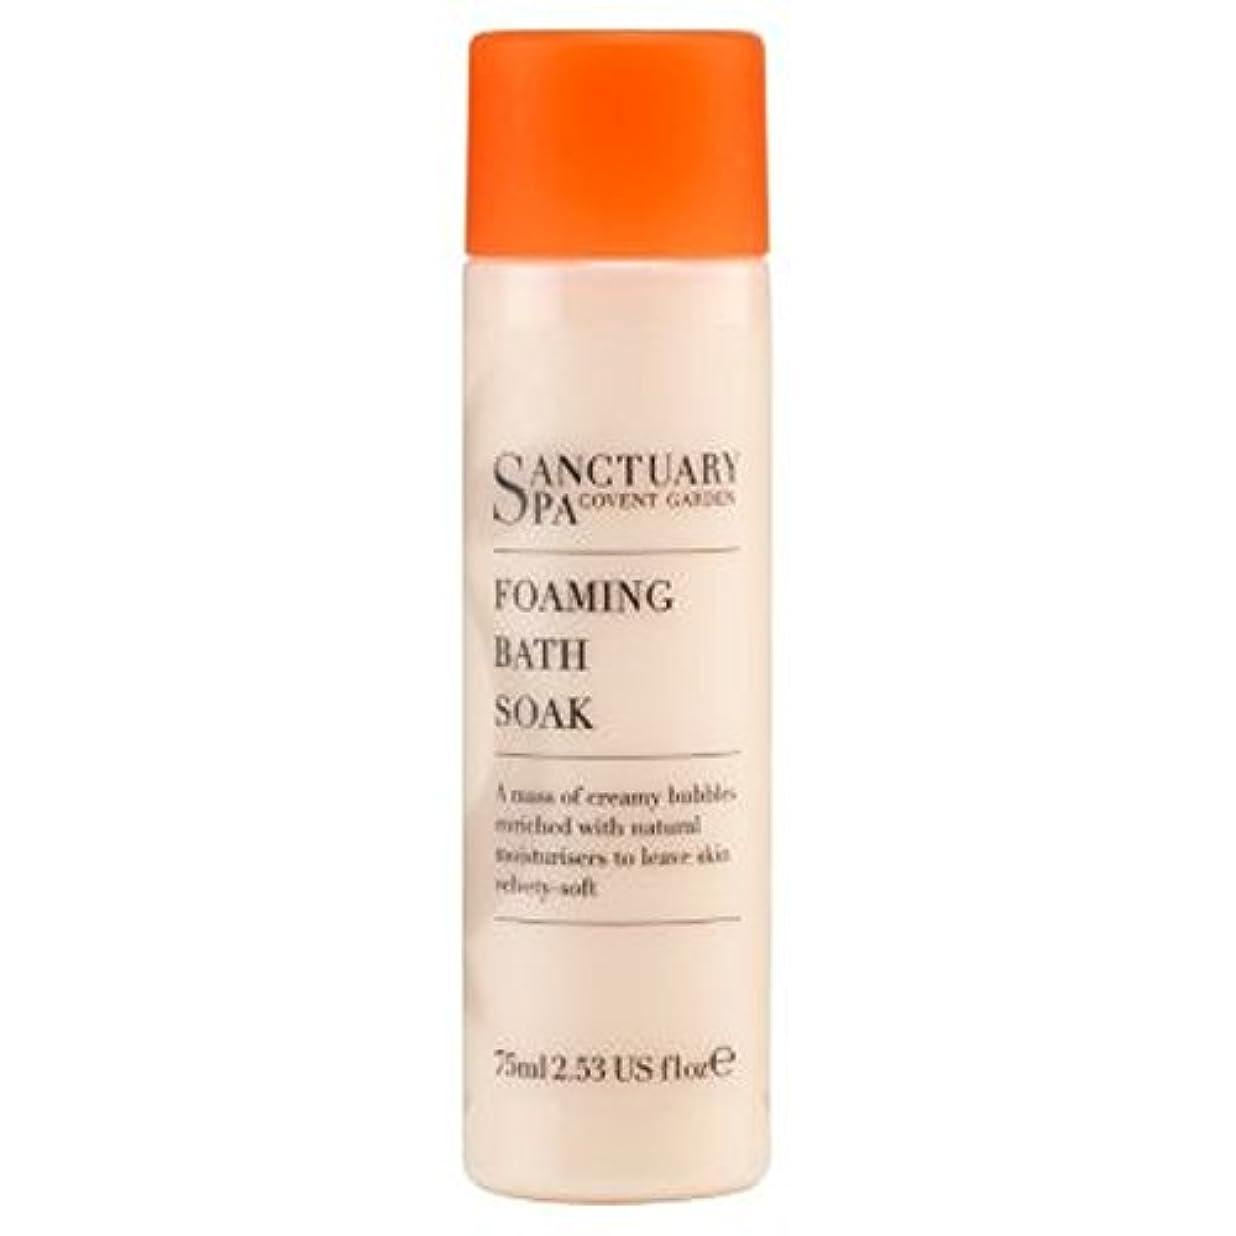 声を出してレンジ蒸し器Sanctuary mini Foaming Bath Soak 75ml - 聖域ミニ75ミリリットルを浸し風呂発泡 (Sanctuary) [並行輸入品]